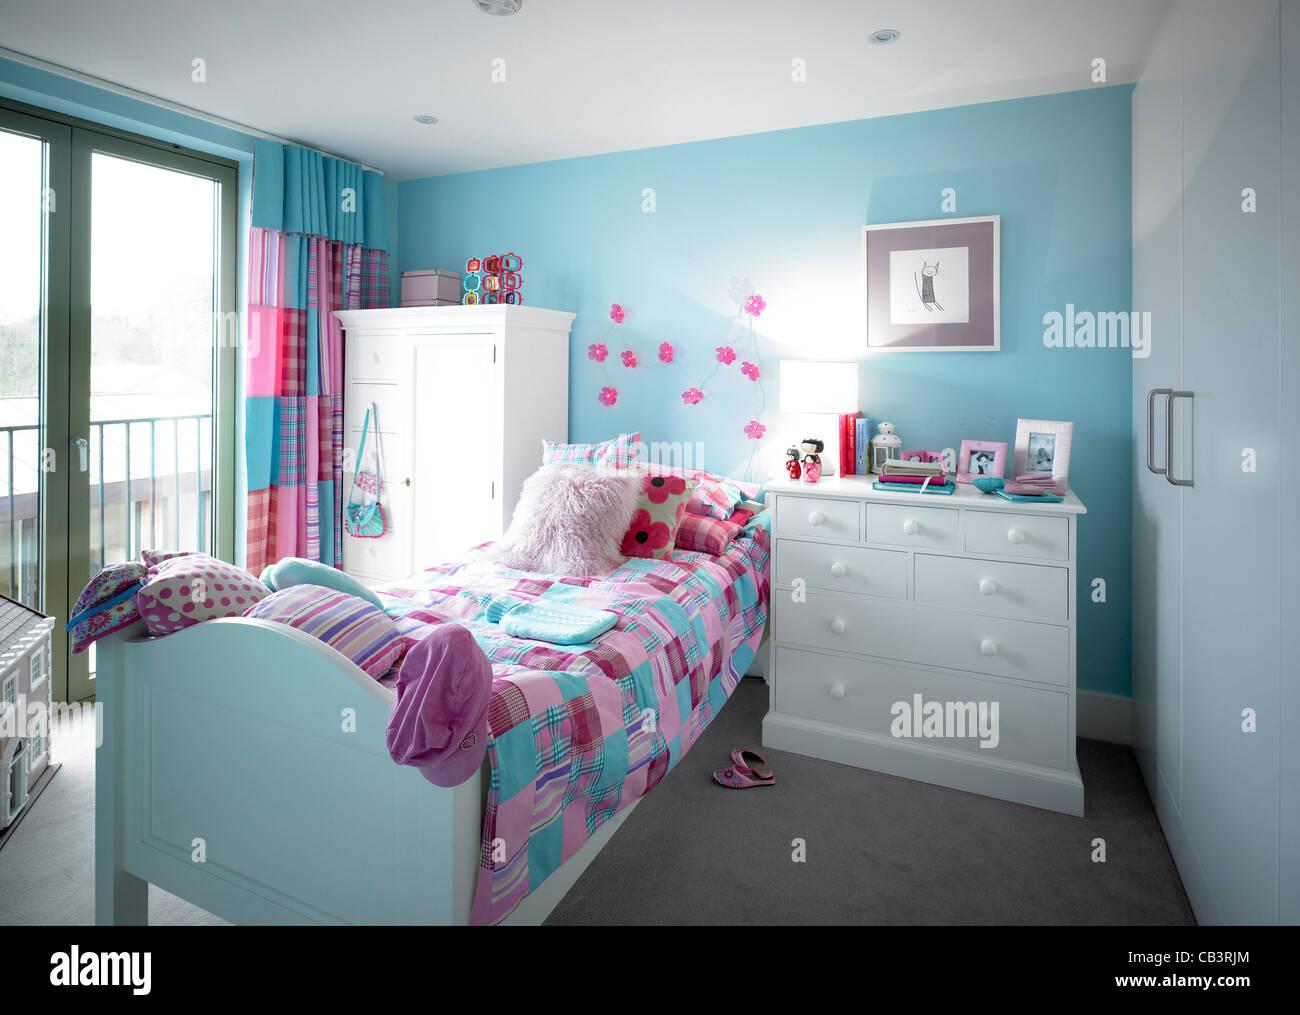 Blau und rosa Mädchen Schlafzimmer Stockfoto, Bild: 41266364 - Alamy